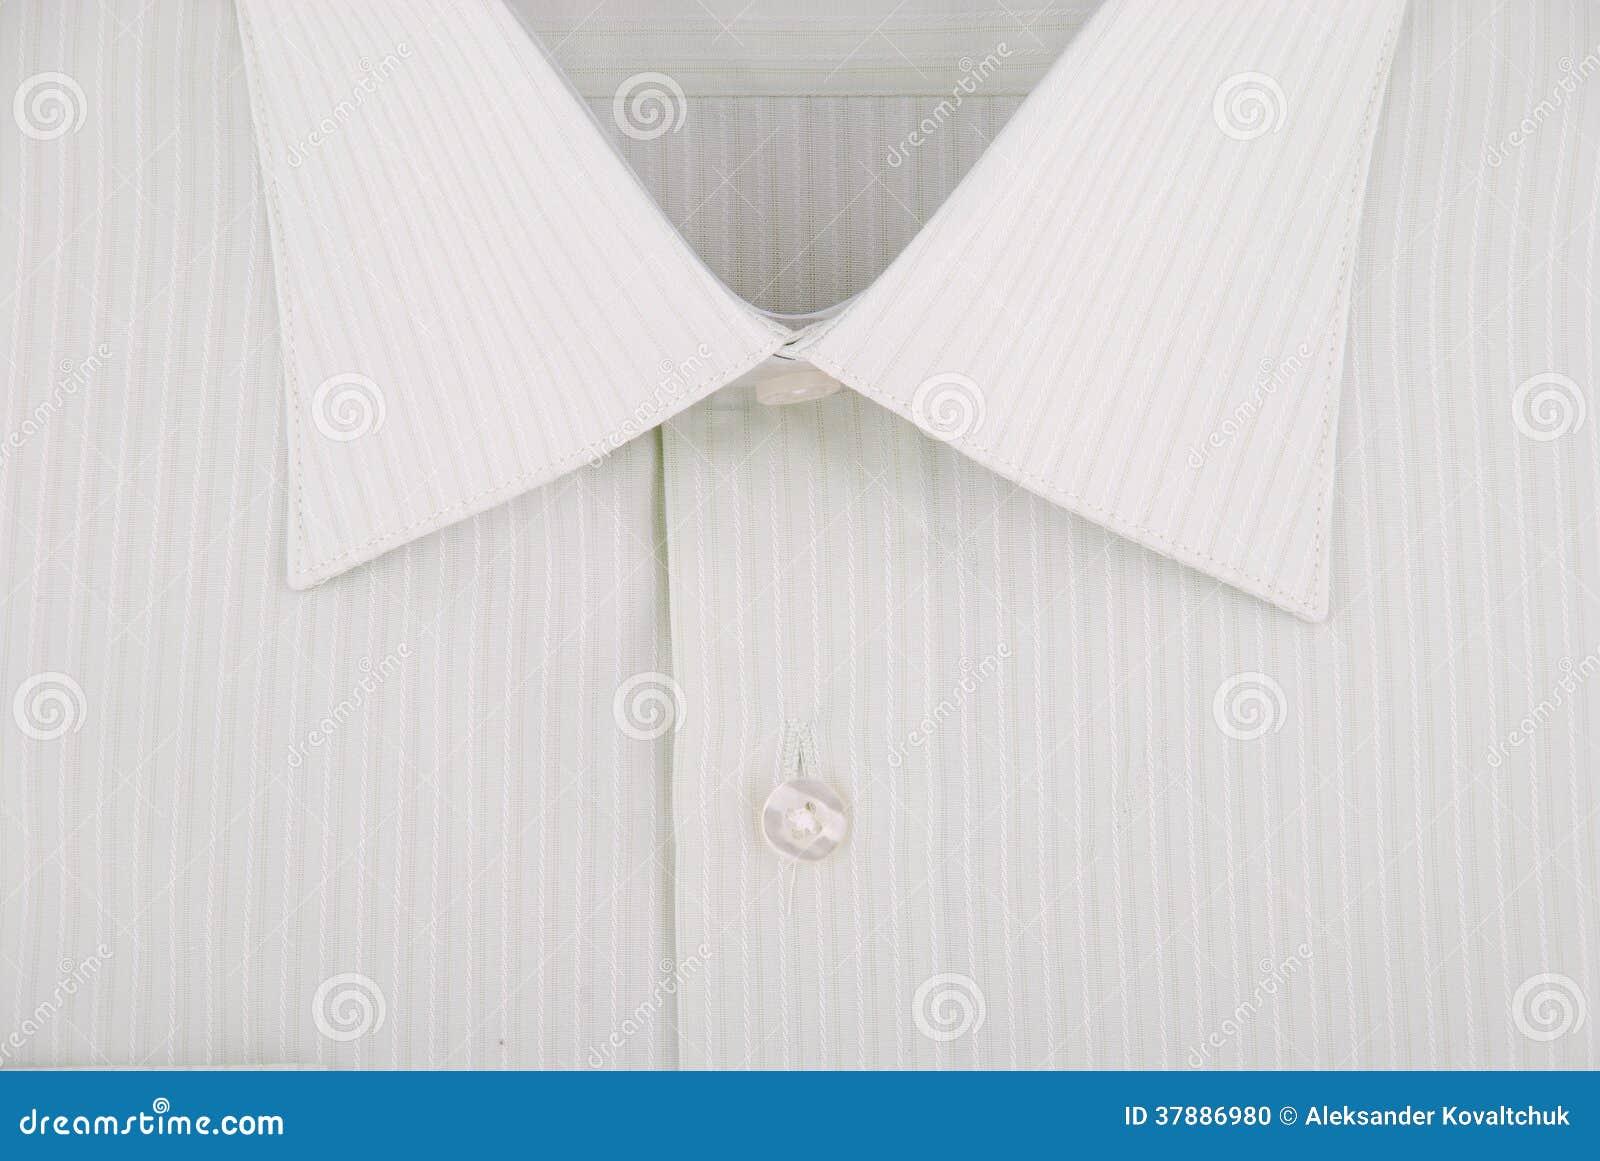 Het overhemd van mensen